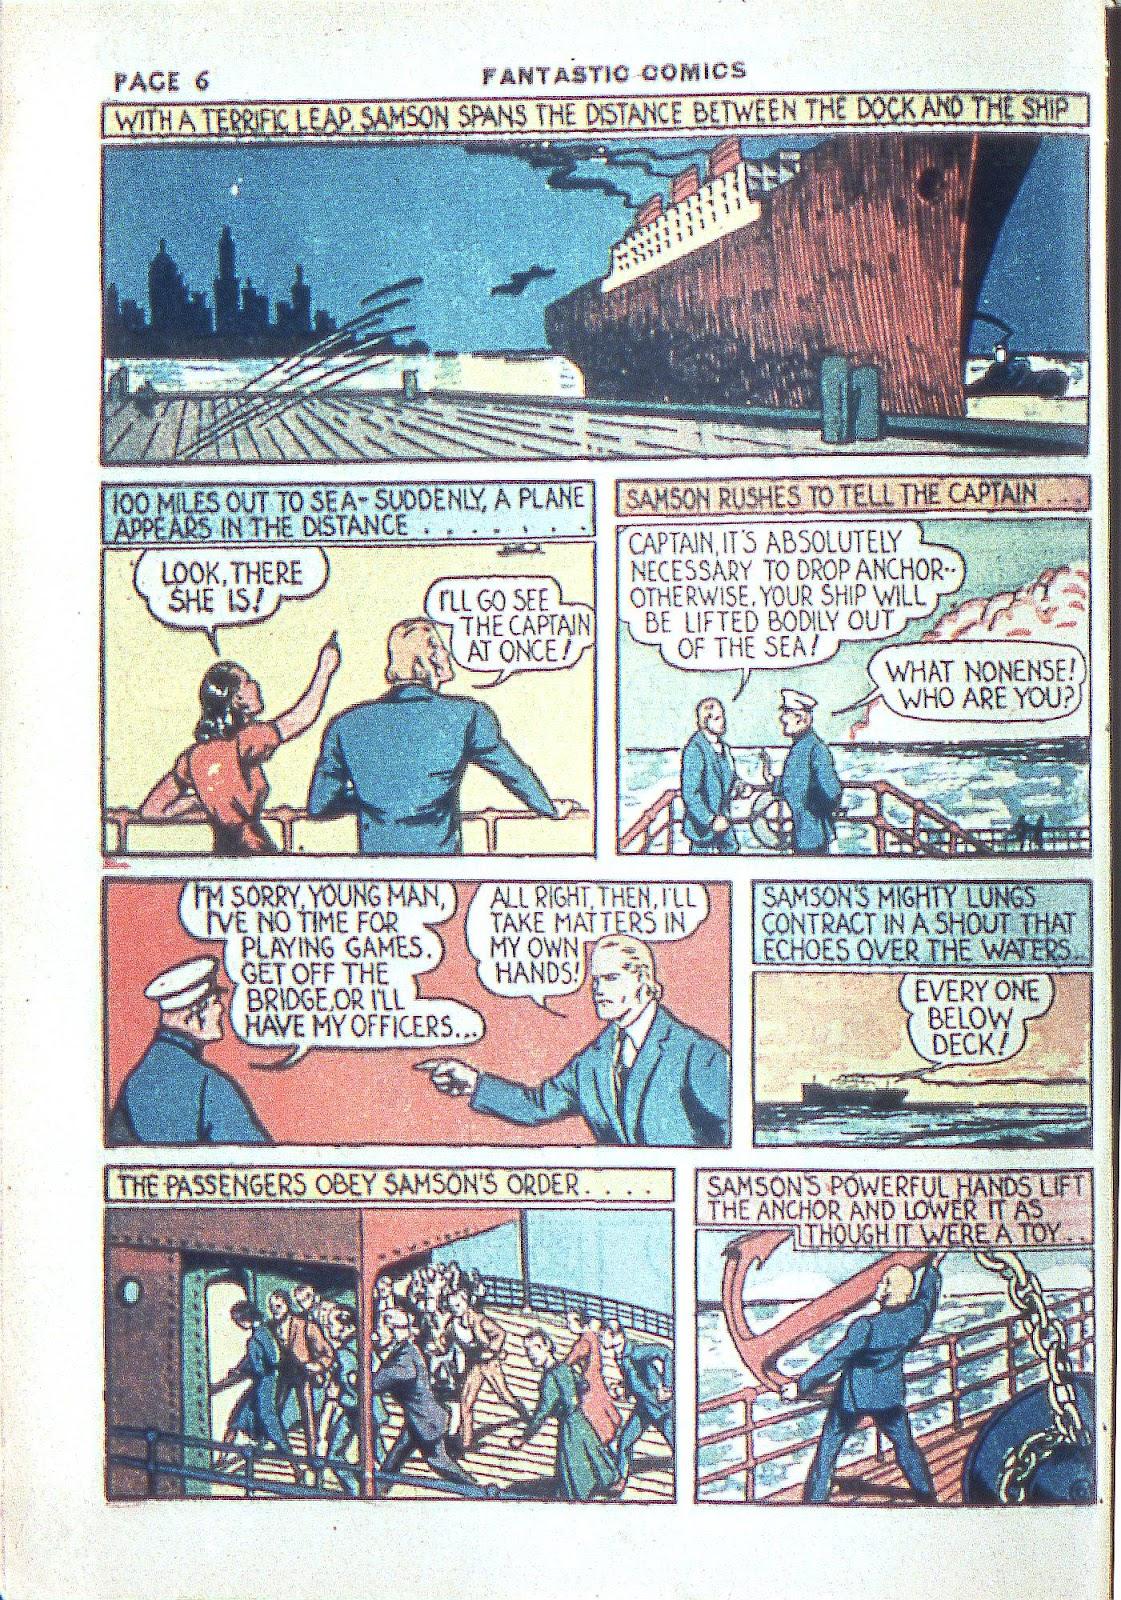 Read online Fantastic Comics comic -  Issue #3 - 9